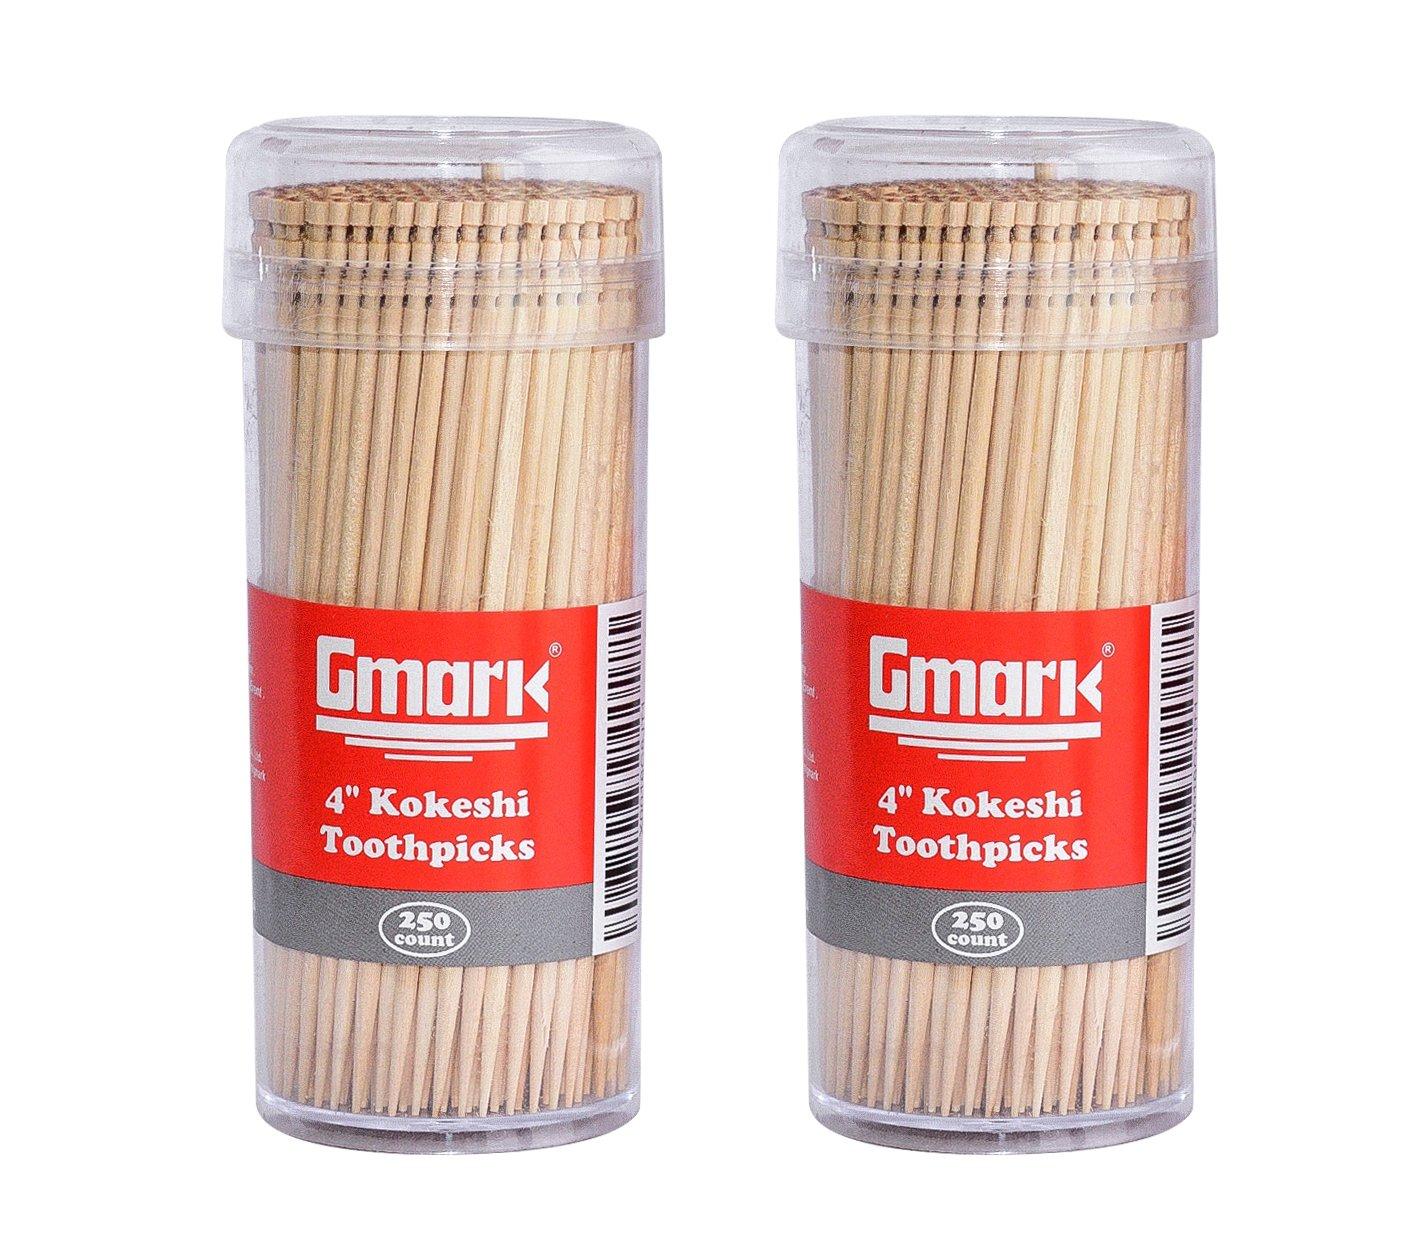 Gmark Premium 4'' Kokeshi Toothpicks Skewers 500ct (2 Packs of 250) GM1034